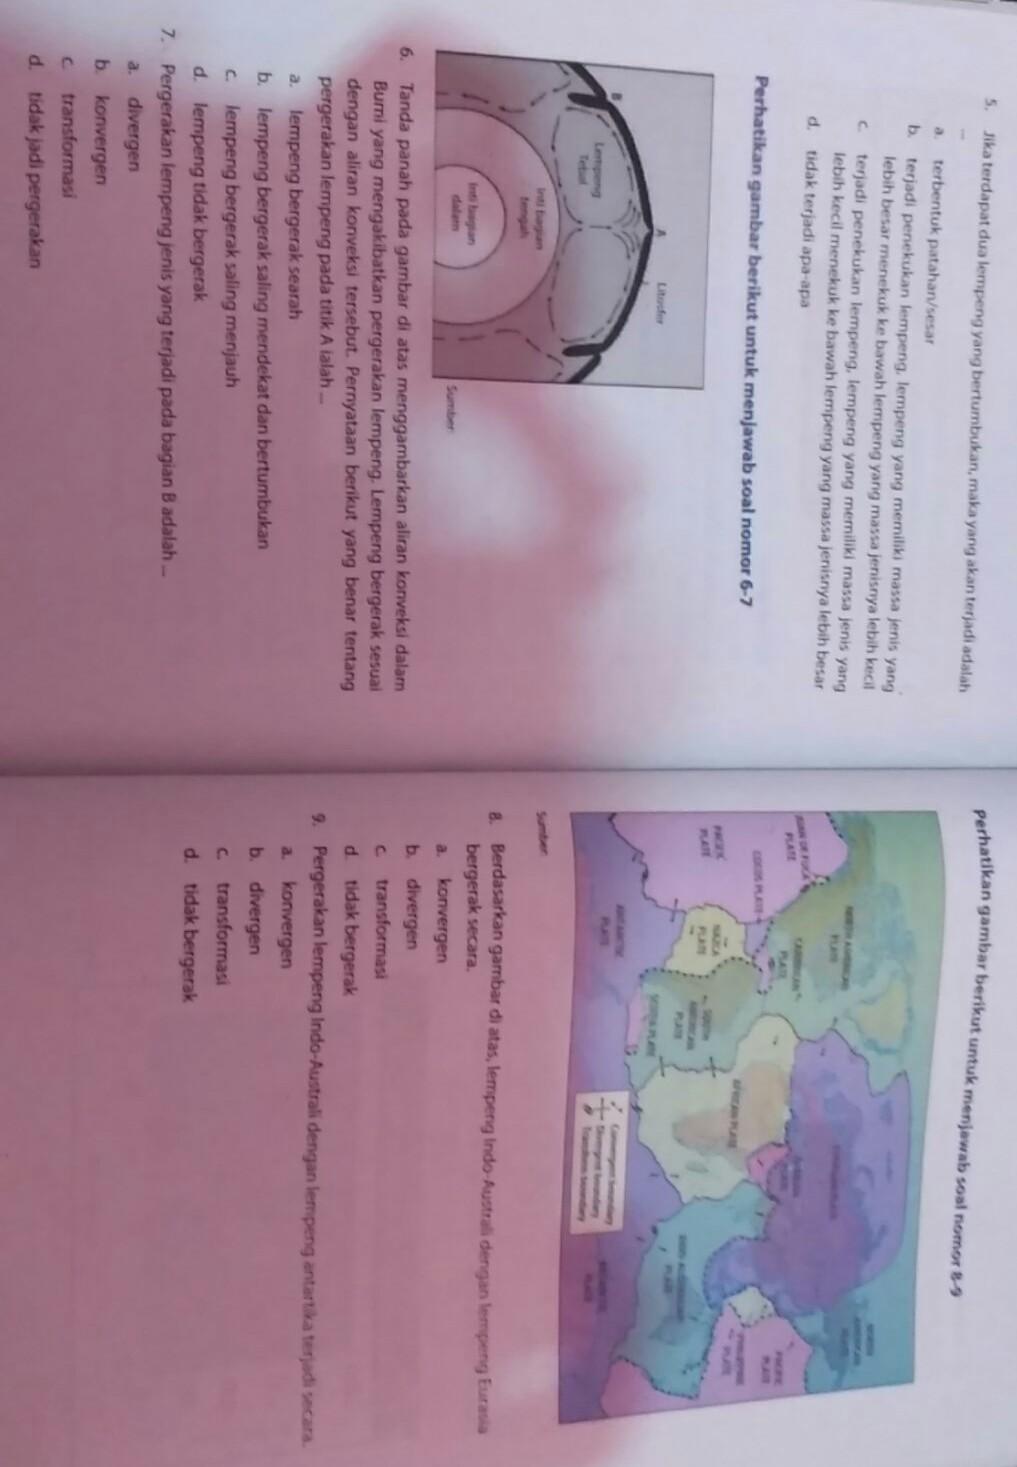 Pergerakan Lempeng Indo-australi Dengan Lempeng Antartika Terjadi Secara : pergerakan, lempeng, indo-australi, dengan, antartika, terjadi, secara, Tolong...., Donkk, Dikumpulin, Brainly.co.id